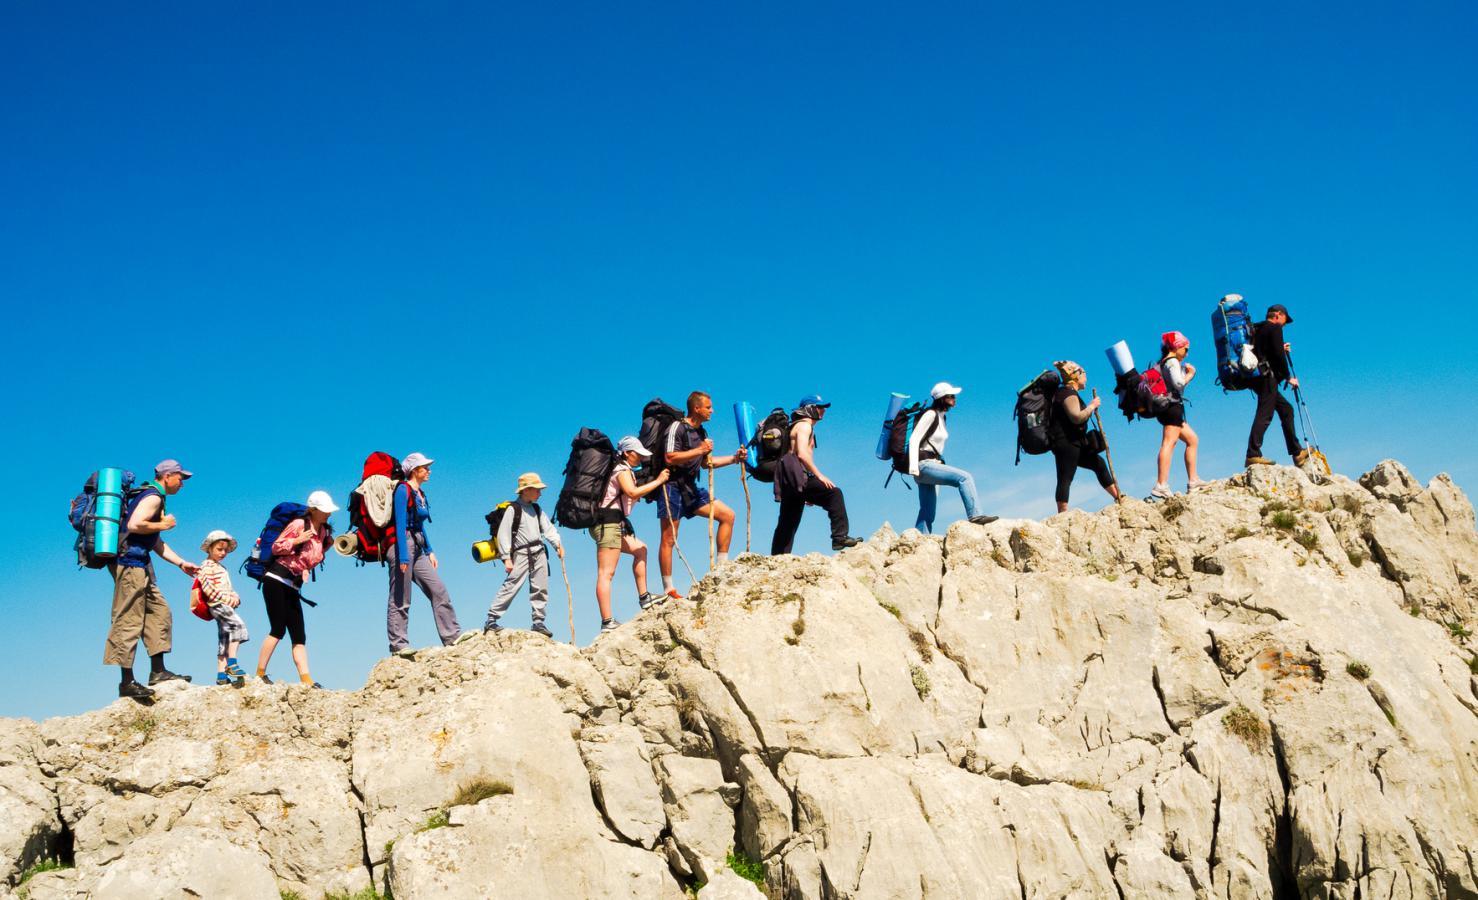 Vacances d'été : bienvenue en montagne !